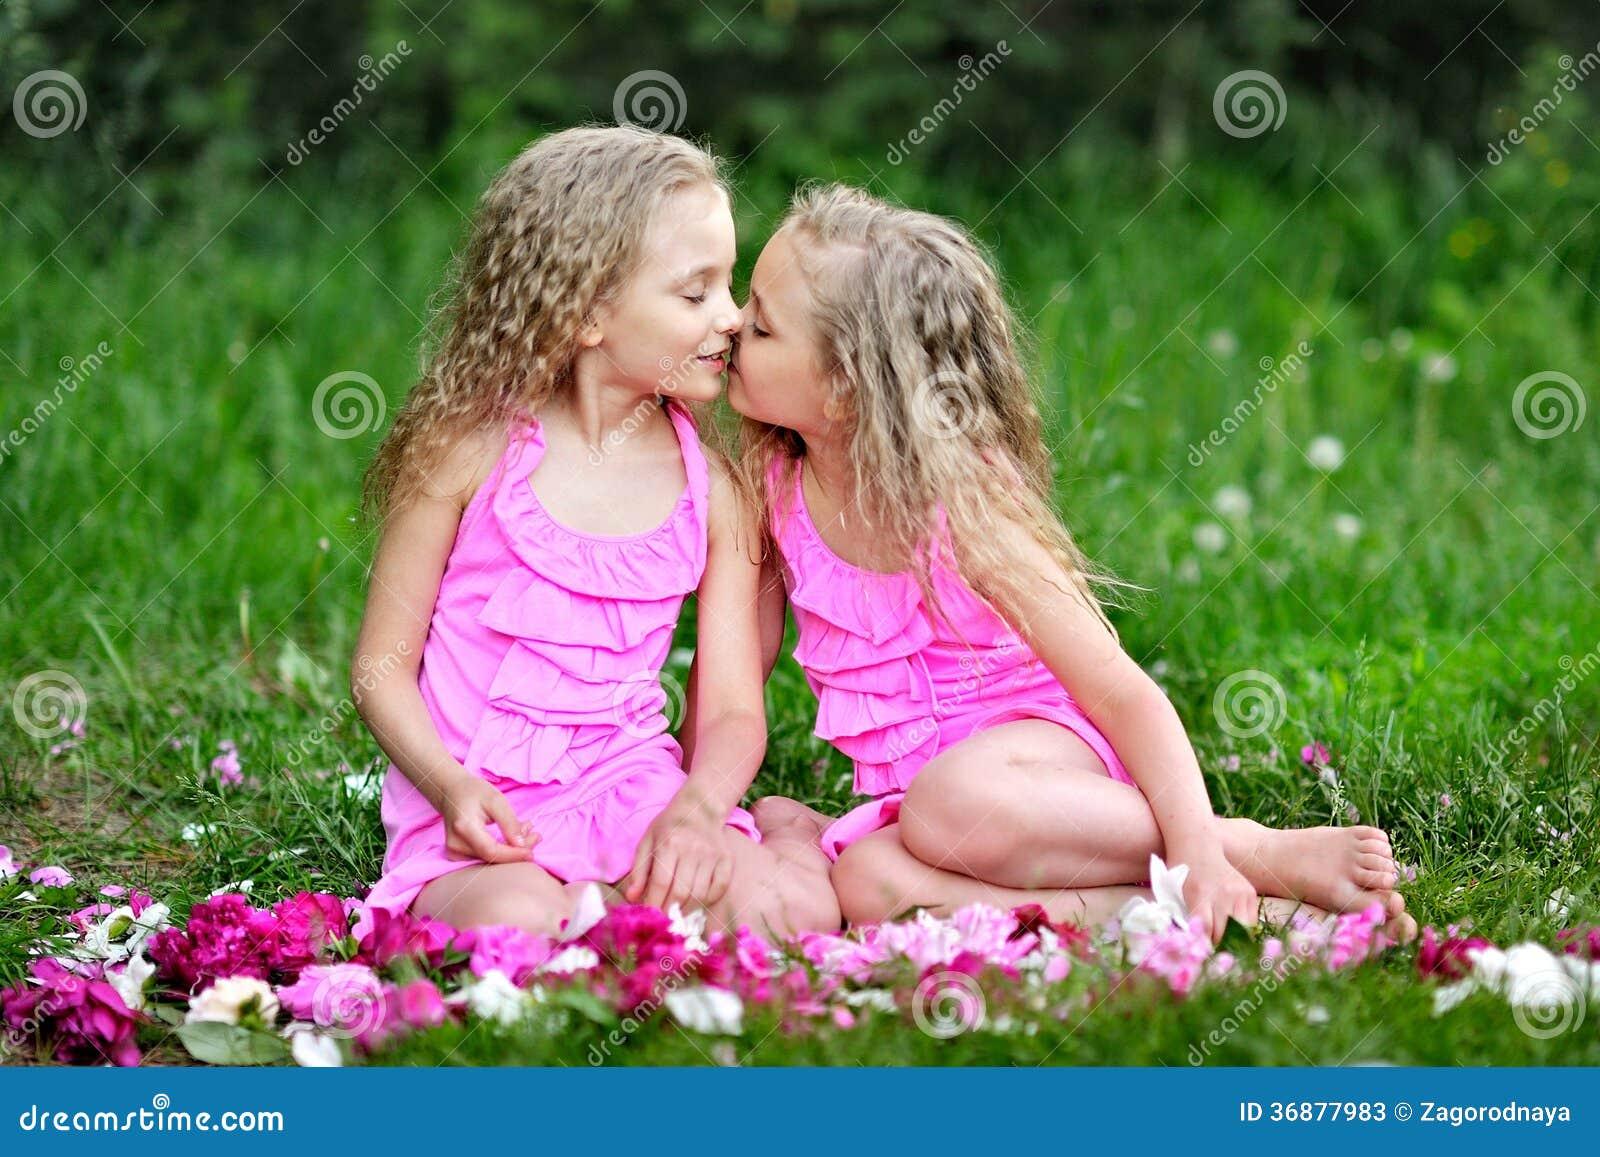 Download Un ritratto di due bambine immagine stock. Immagine di giardino - 36877983